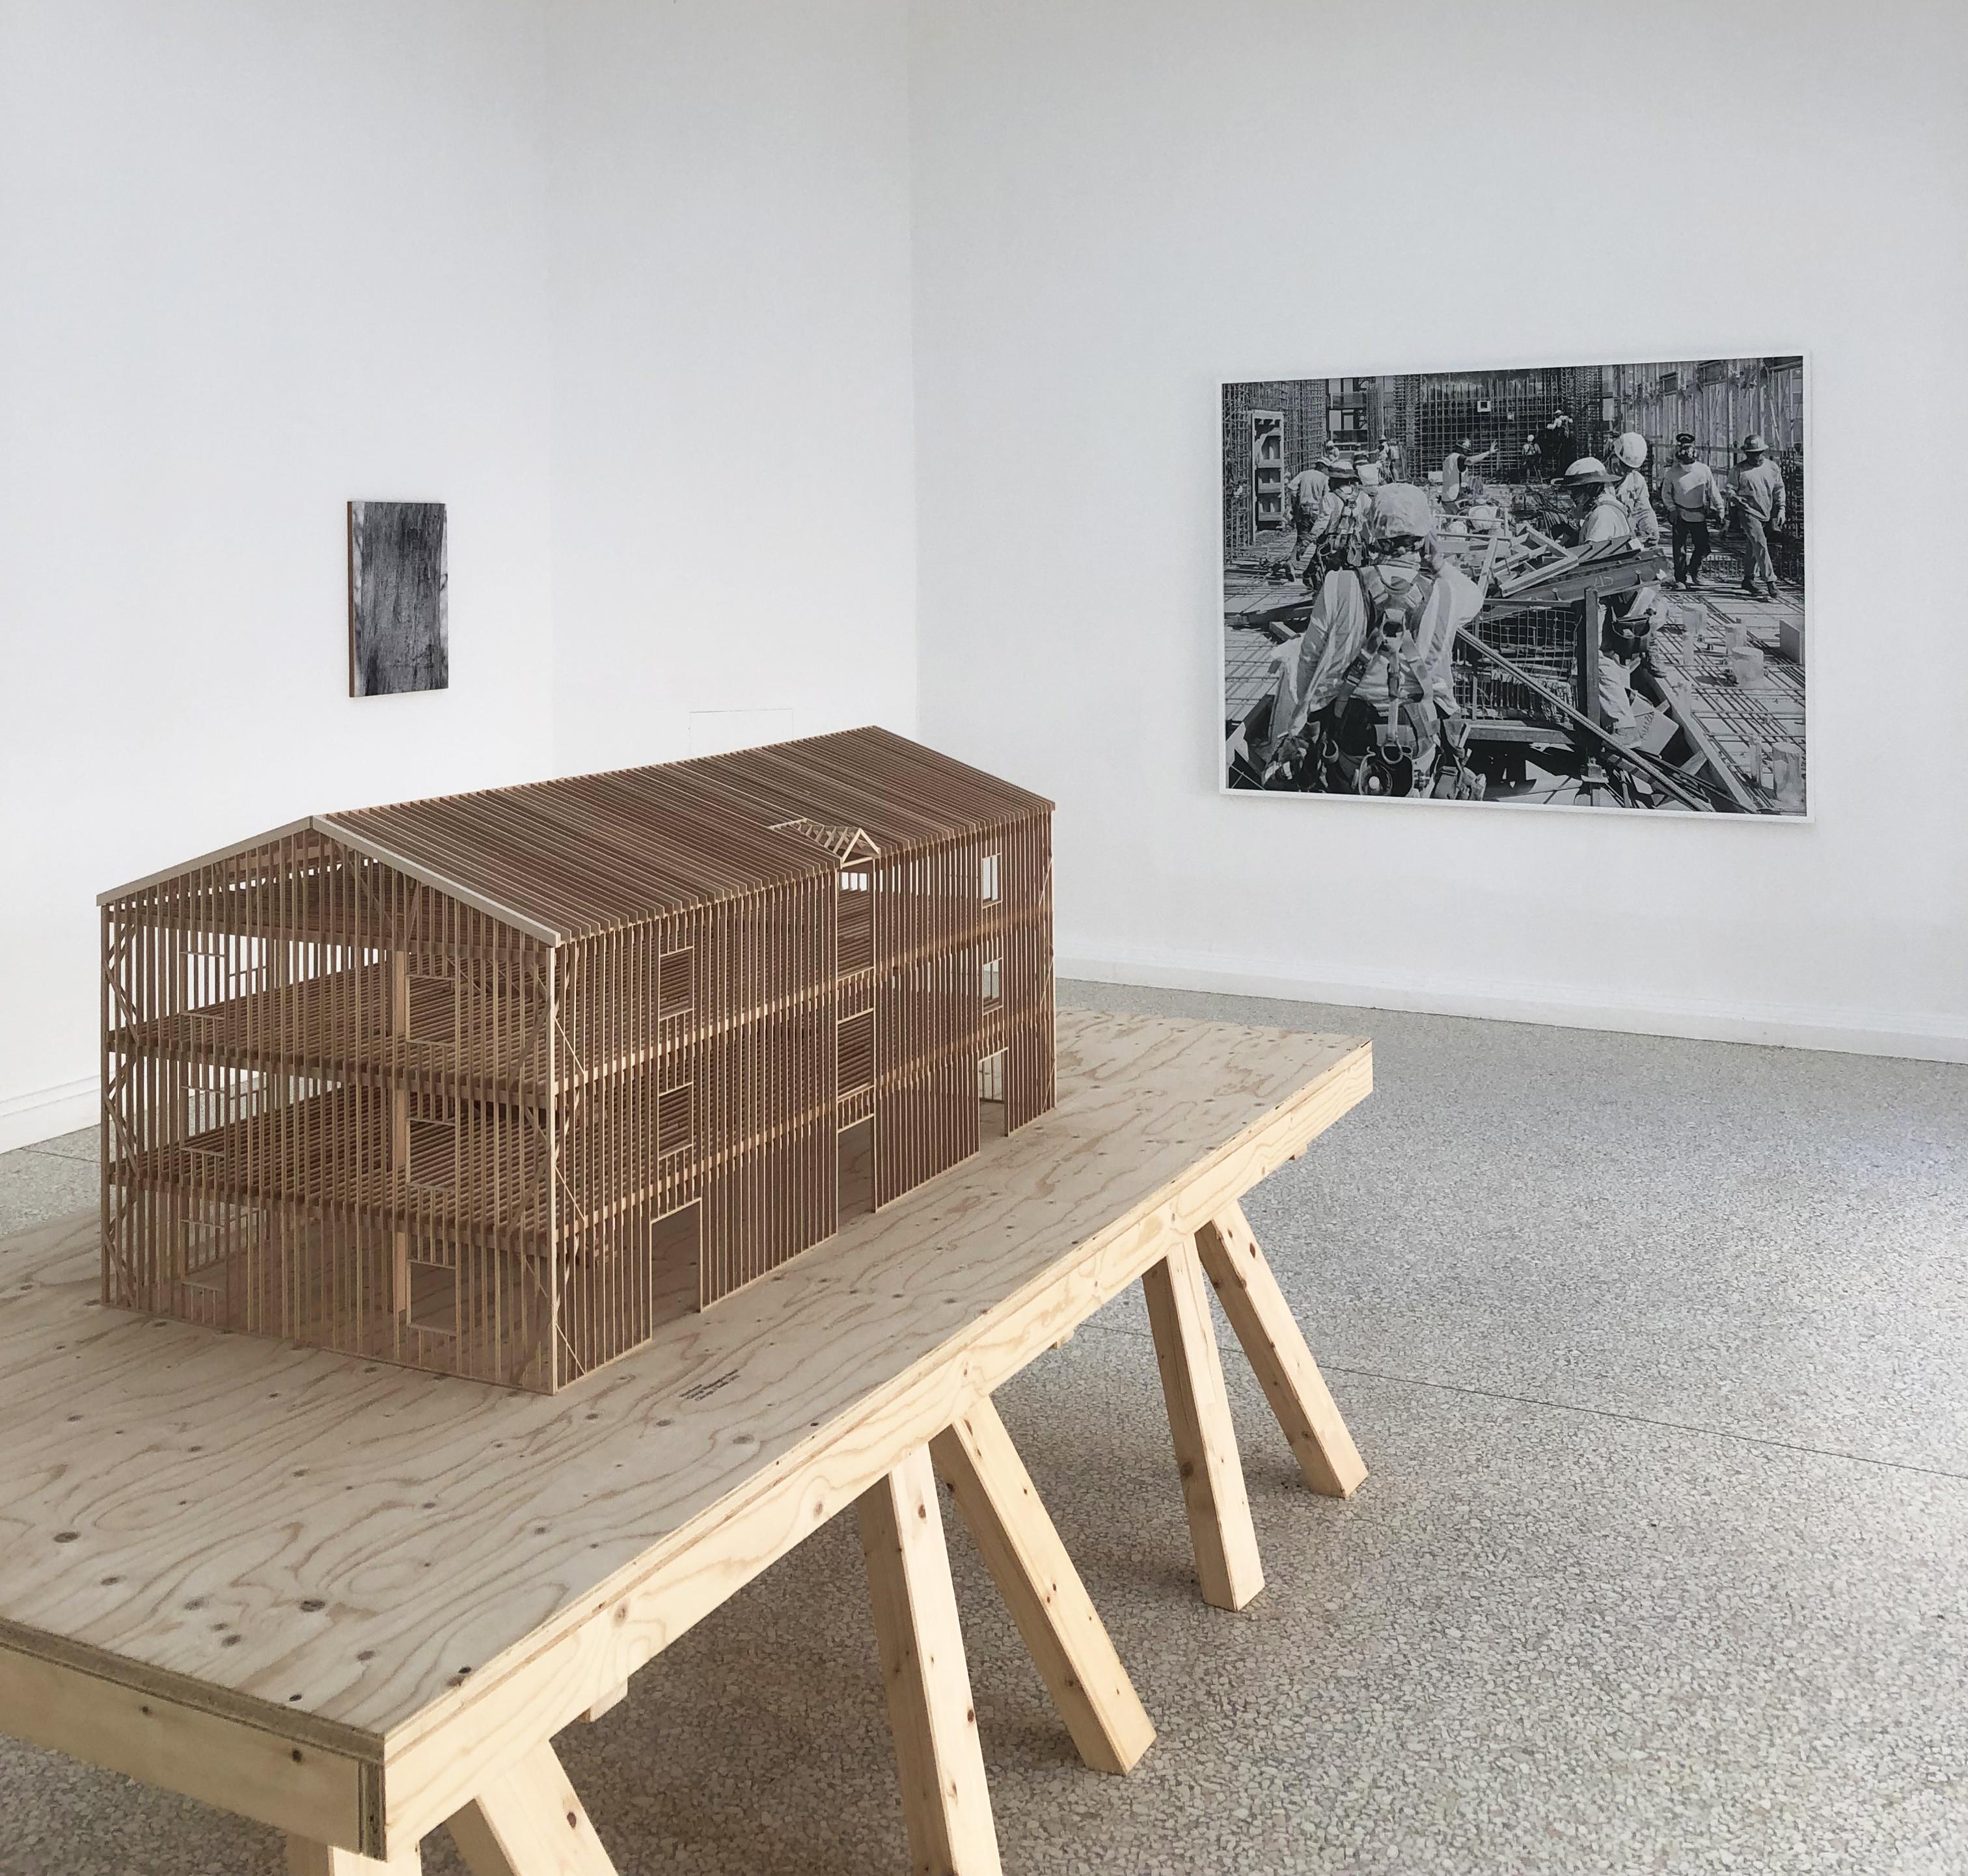 Billedet viser model og foto fra den amerikanske pavilion